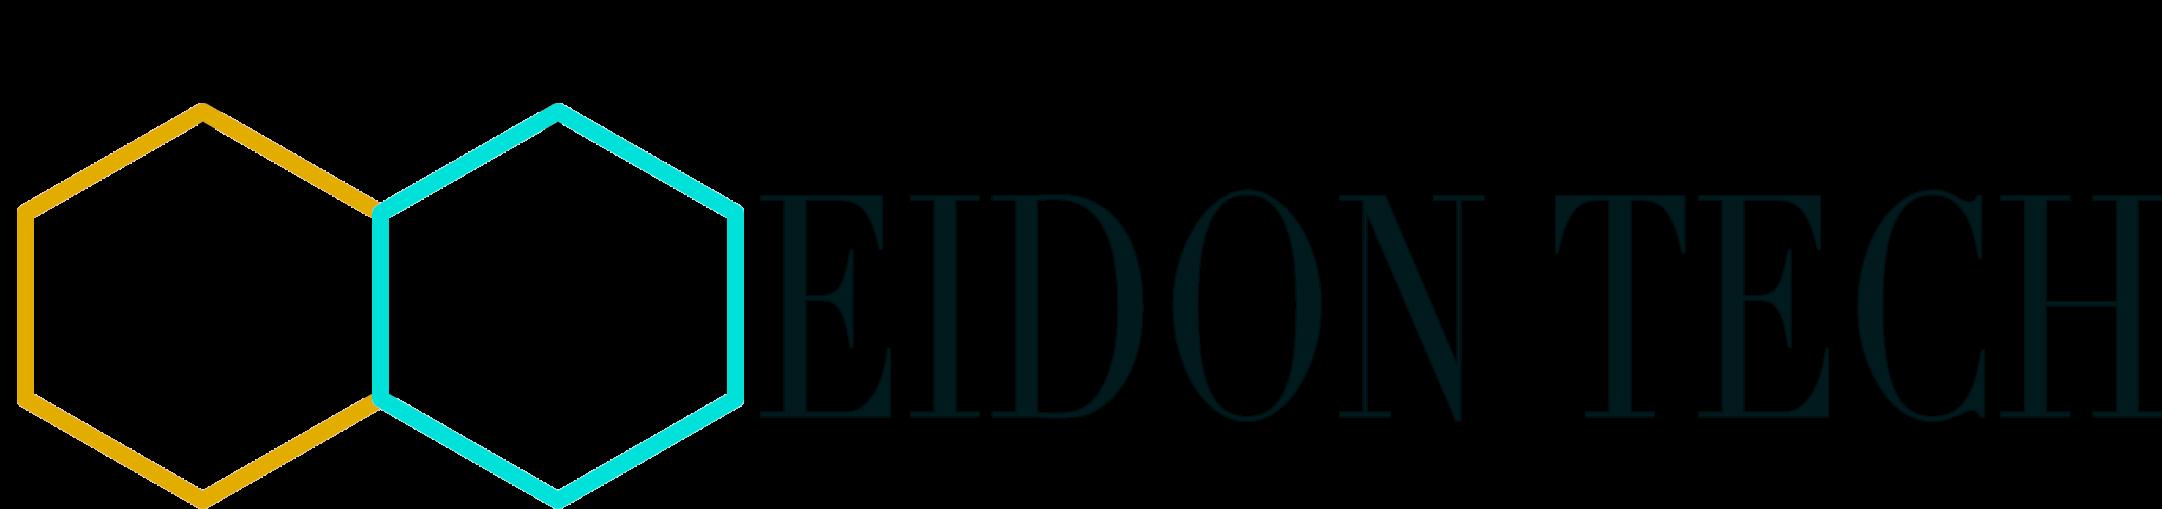 Eidon Tech Cube Logo 2.png